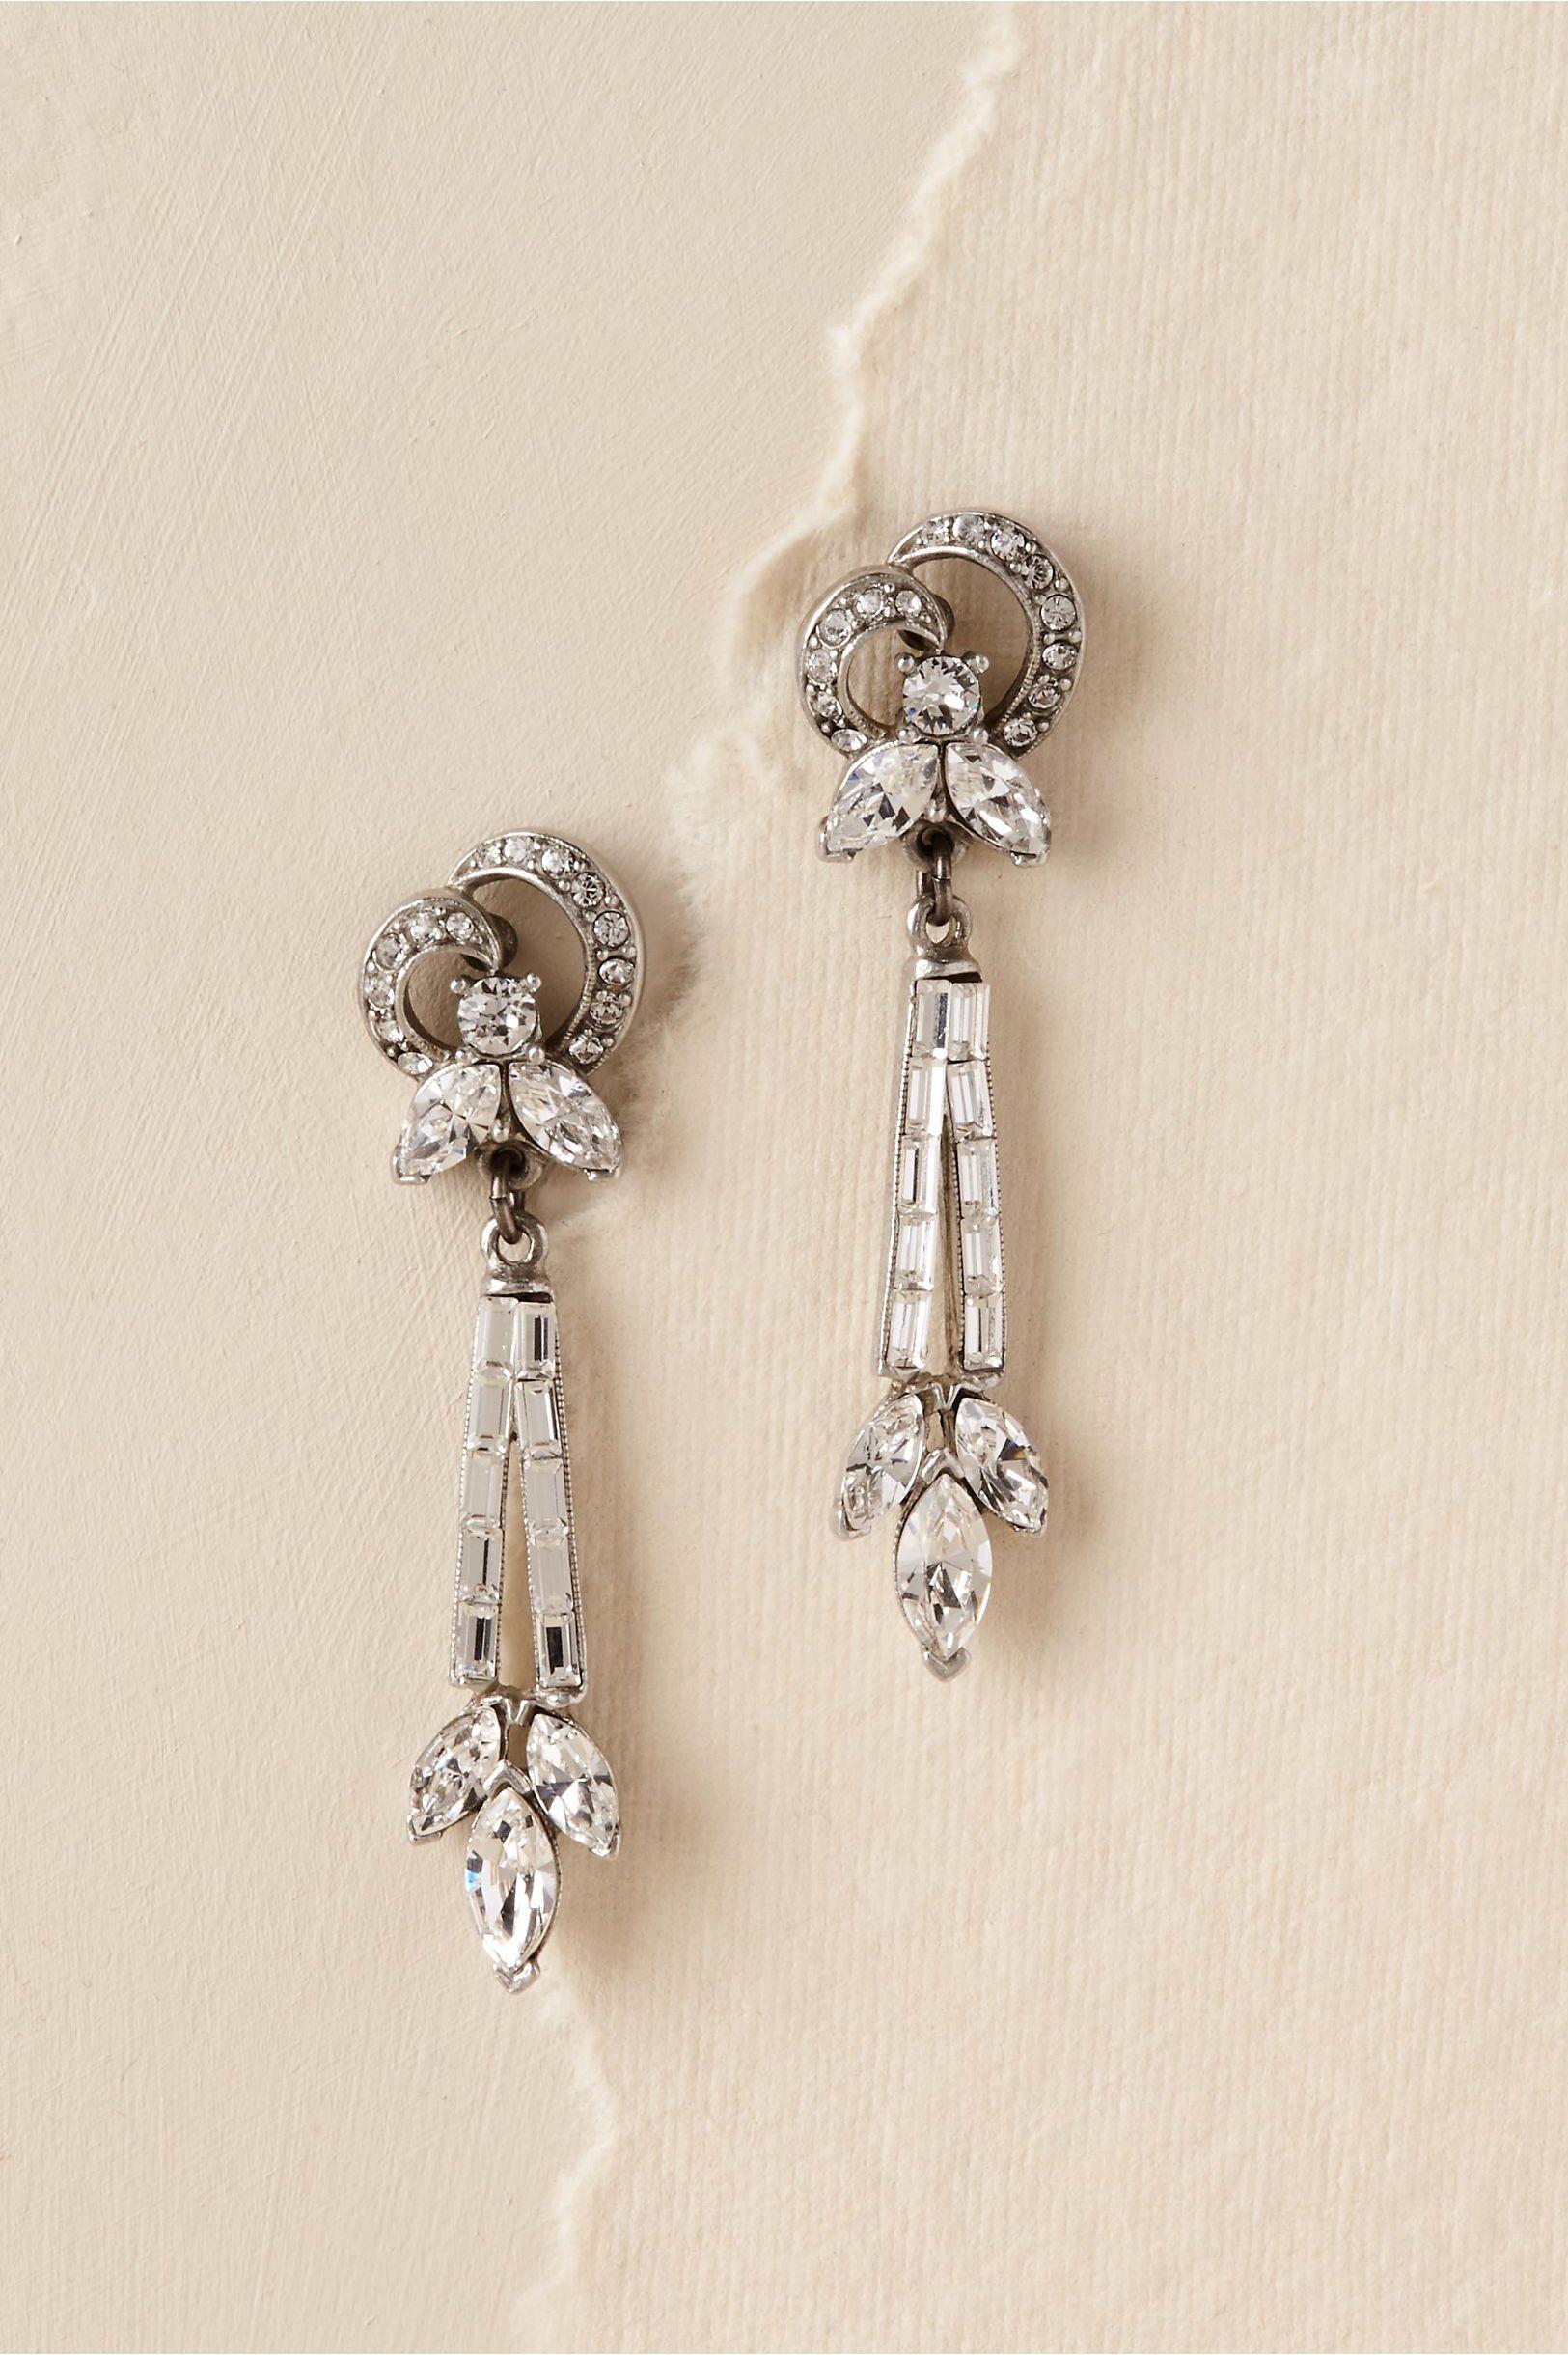 97c93087c36ff Pin by Lauren Shapiro on Bridal Jewelry in 2019 | Earrings, Drop ...